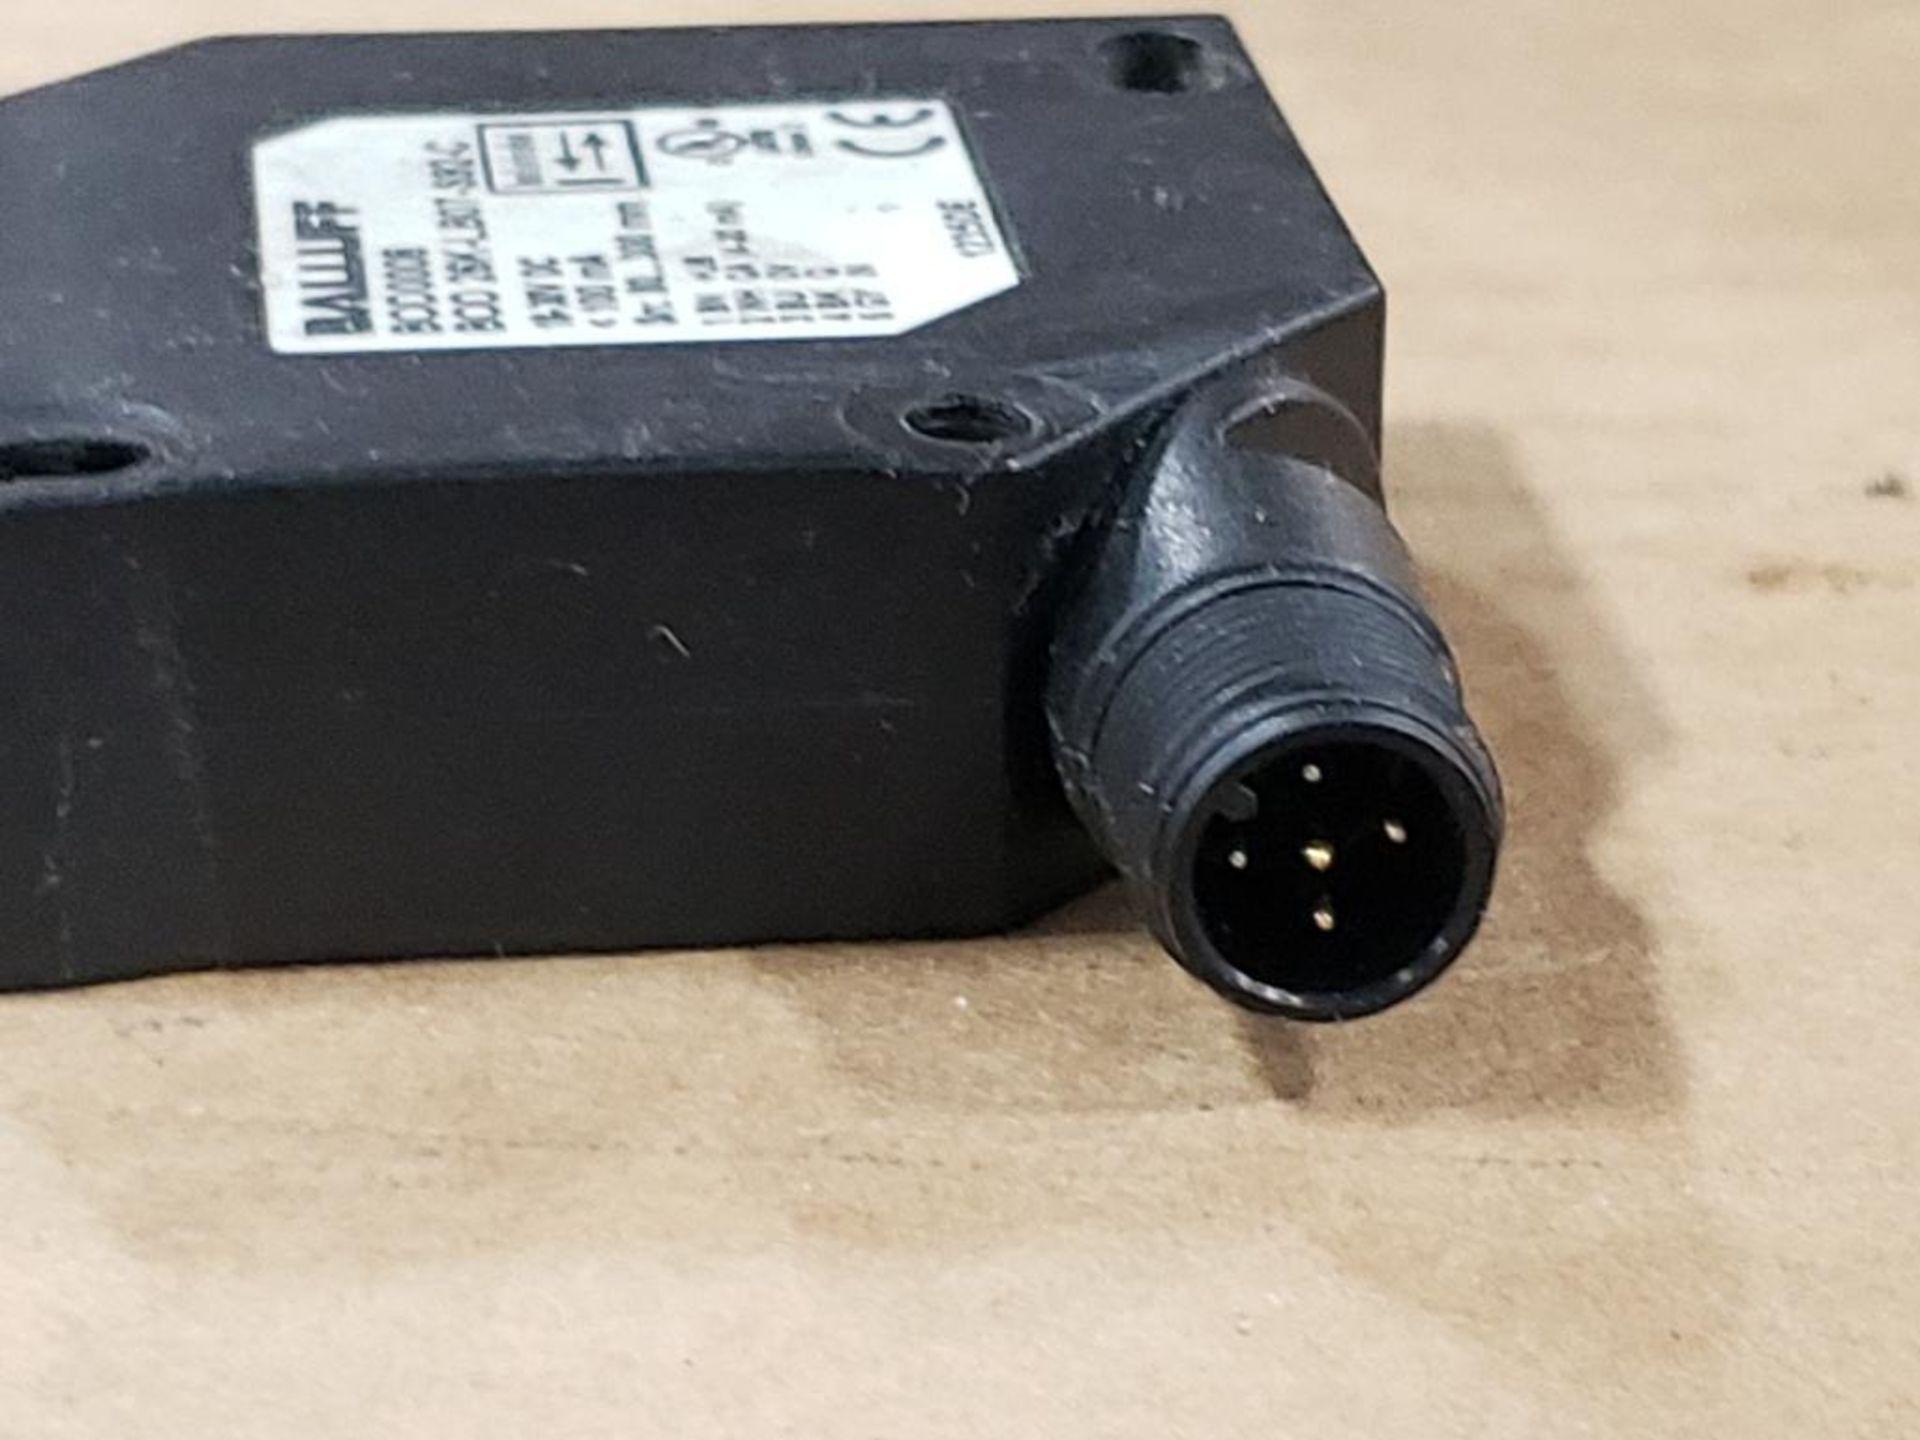 Qty 3 - Balluff BOD0008 BOD 26K-LB07-S92-C Sensor. - Image 5 of 10